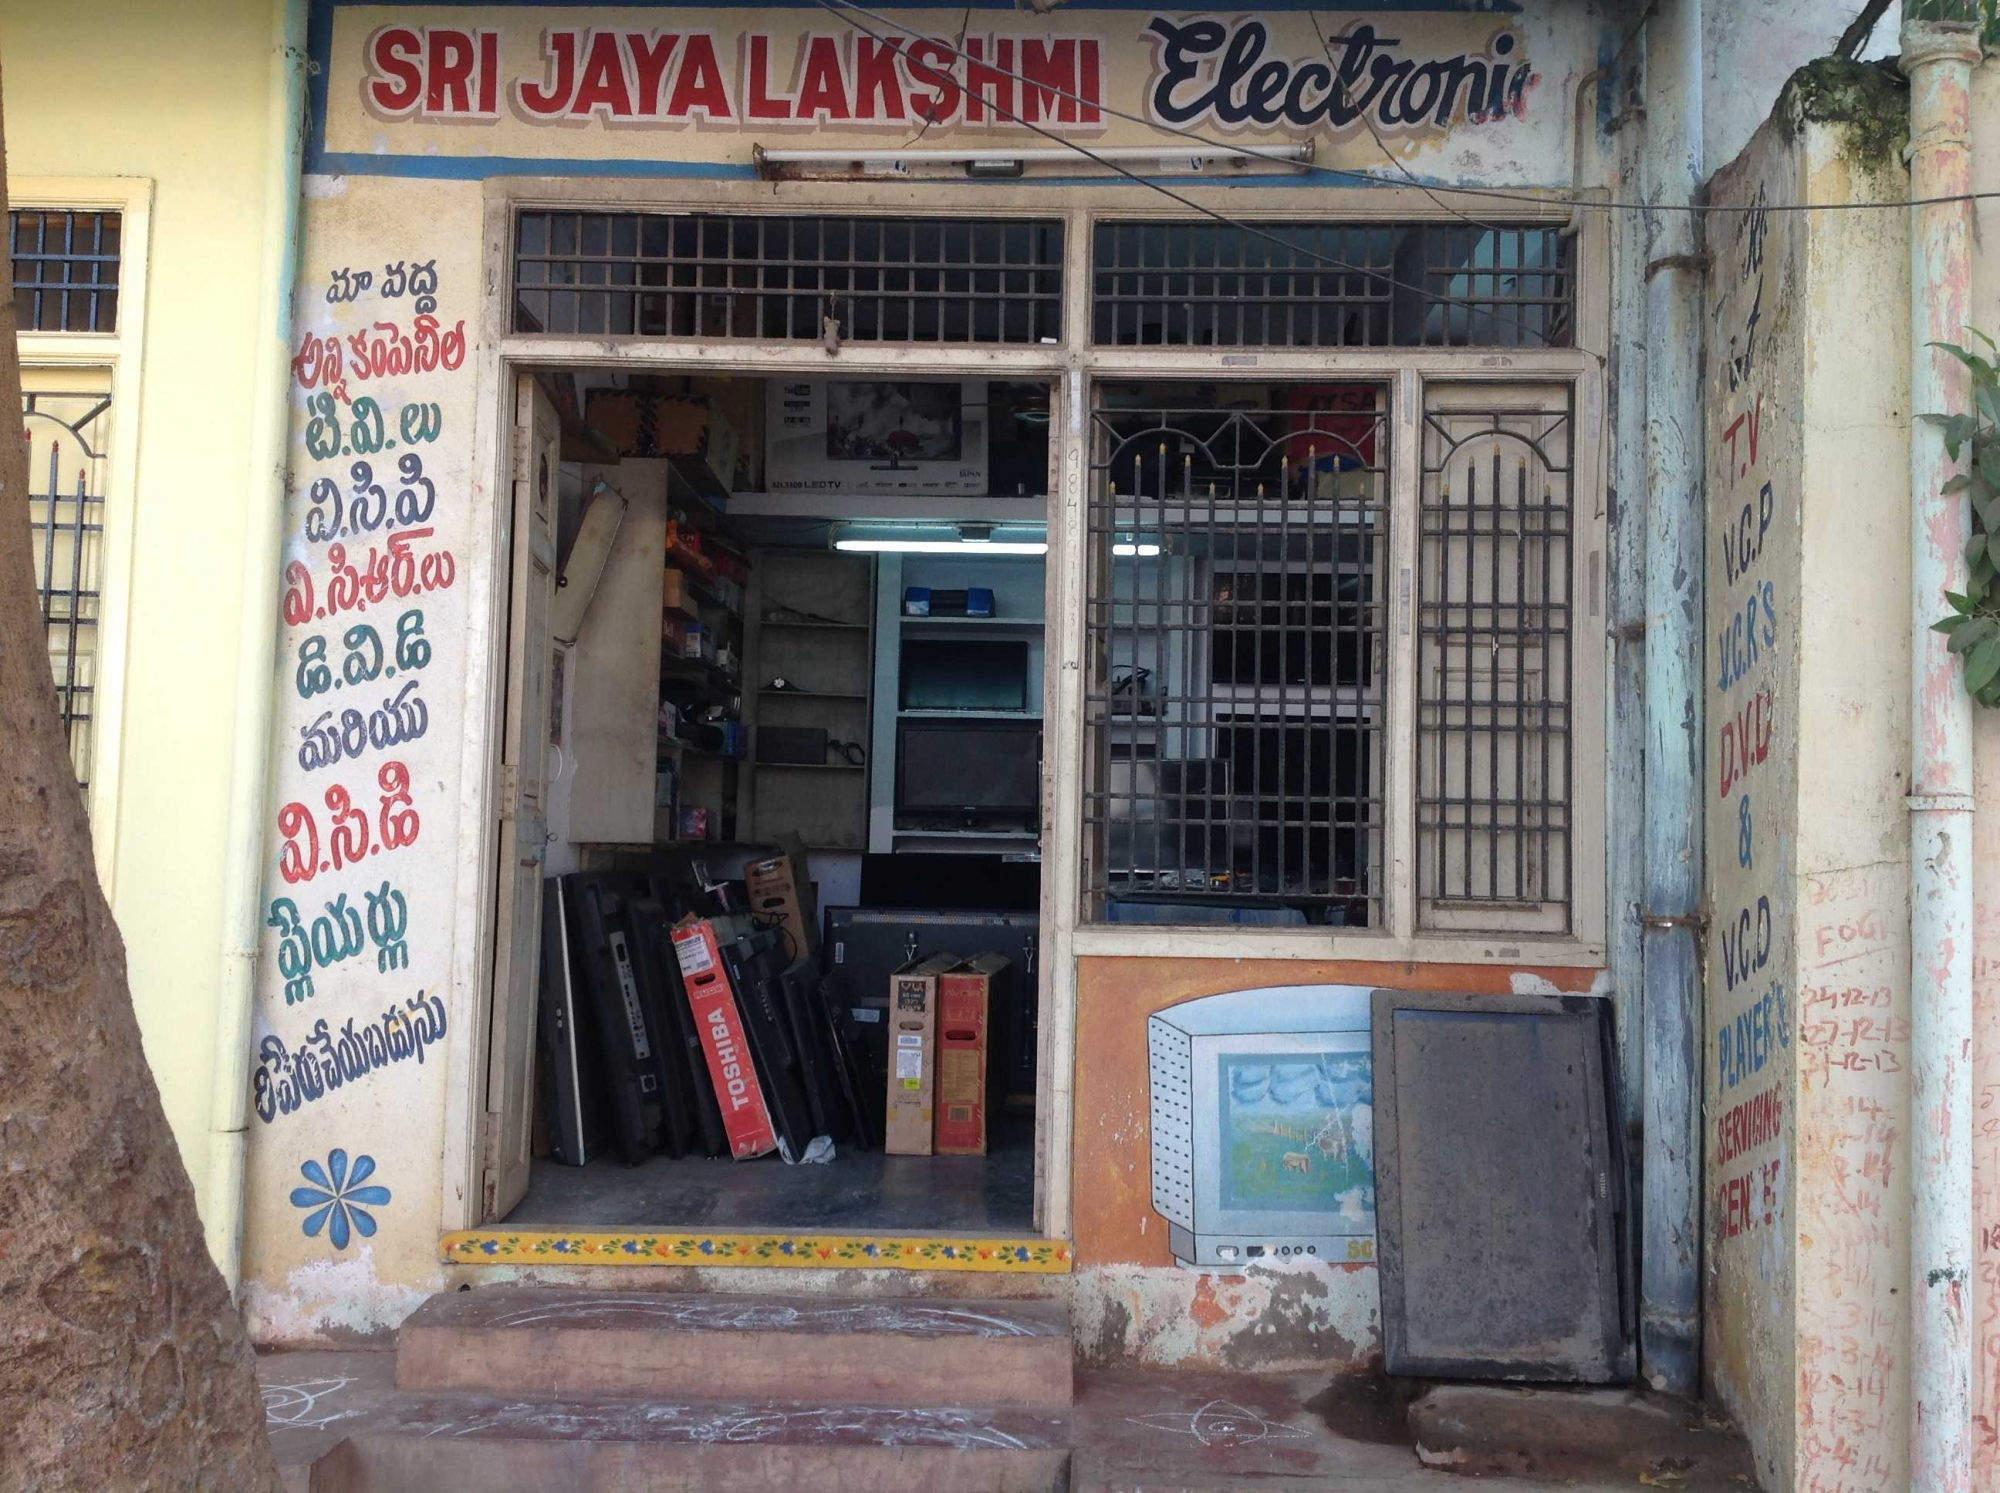 Top 100 LED TV Repair Services in Guntur - Best TV Repair - Justdial